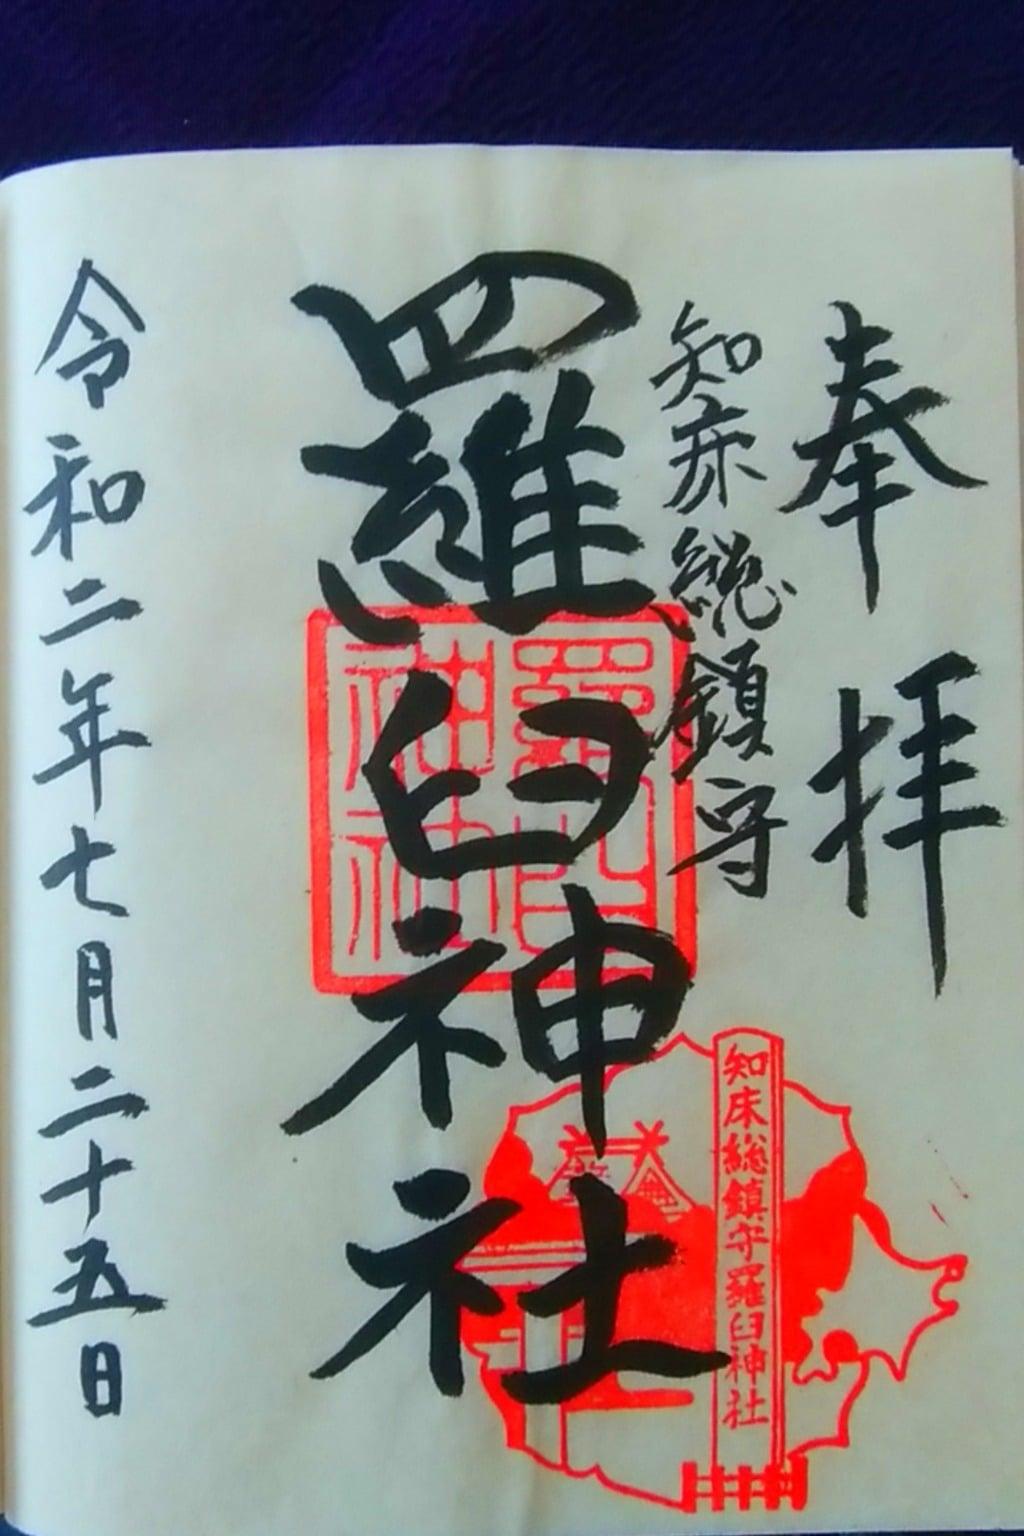 羅臼神社の御朱印